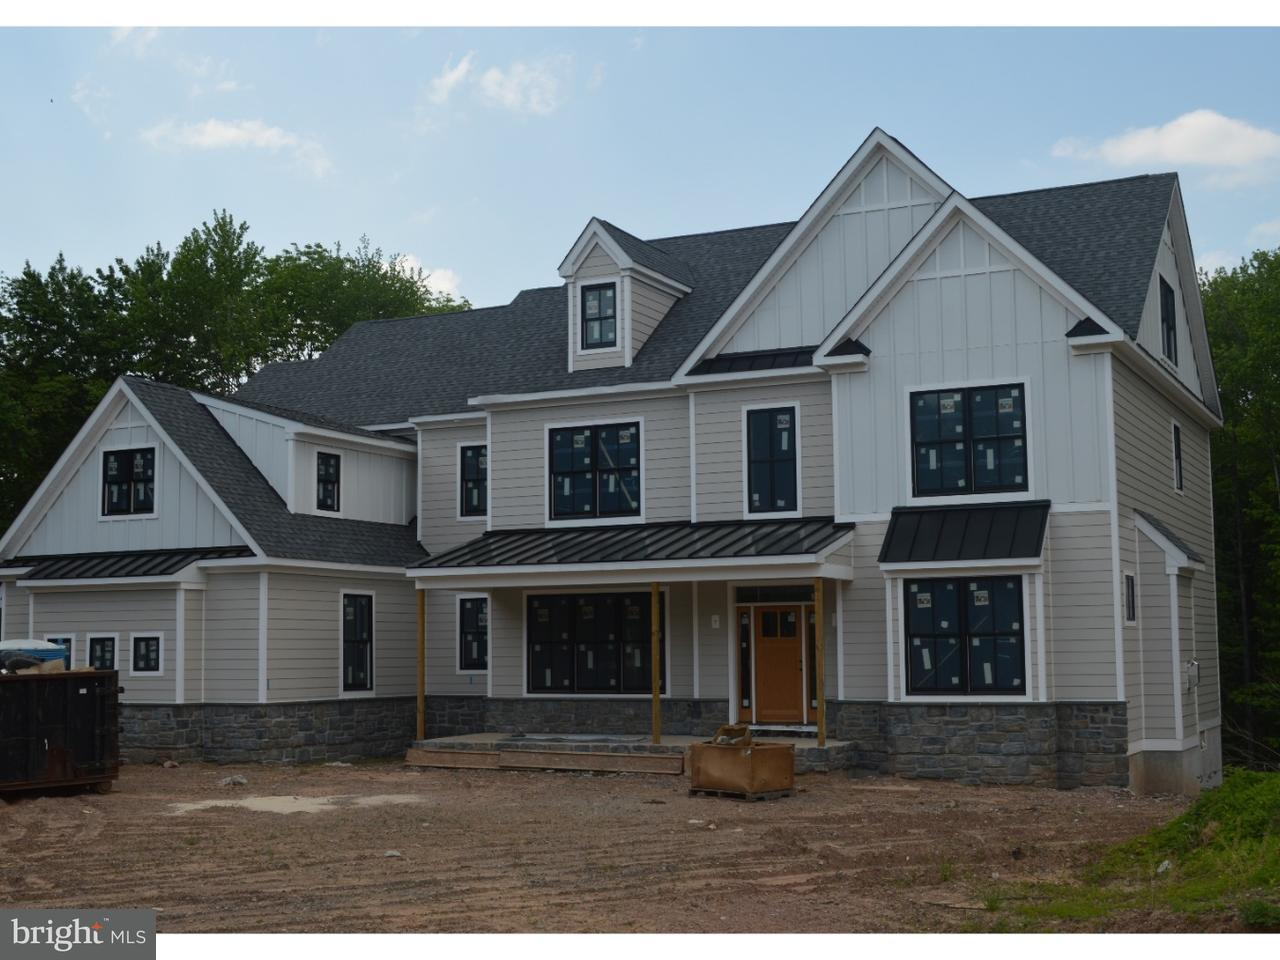 独户住宅 为 销售 在 1405 CEDAR HILL Road 安布勒, 宾夕法尼亚州 19002 美国